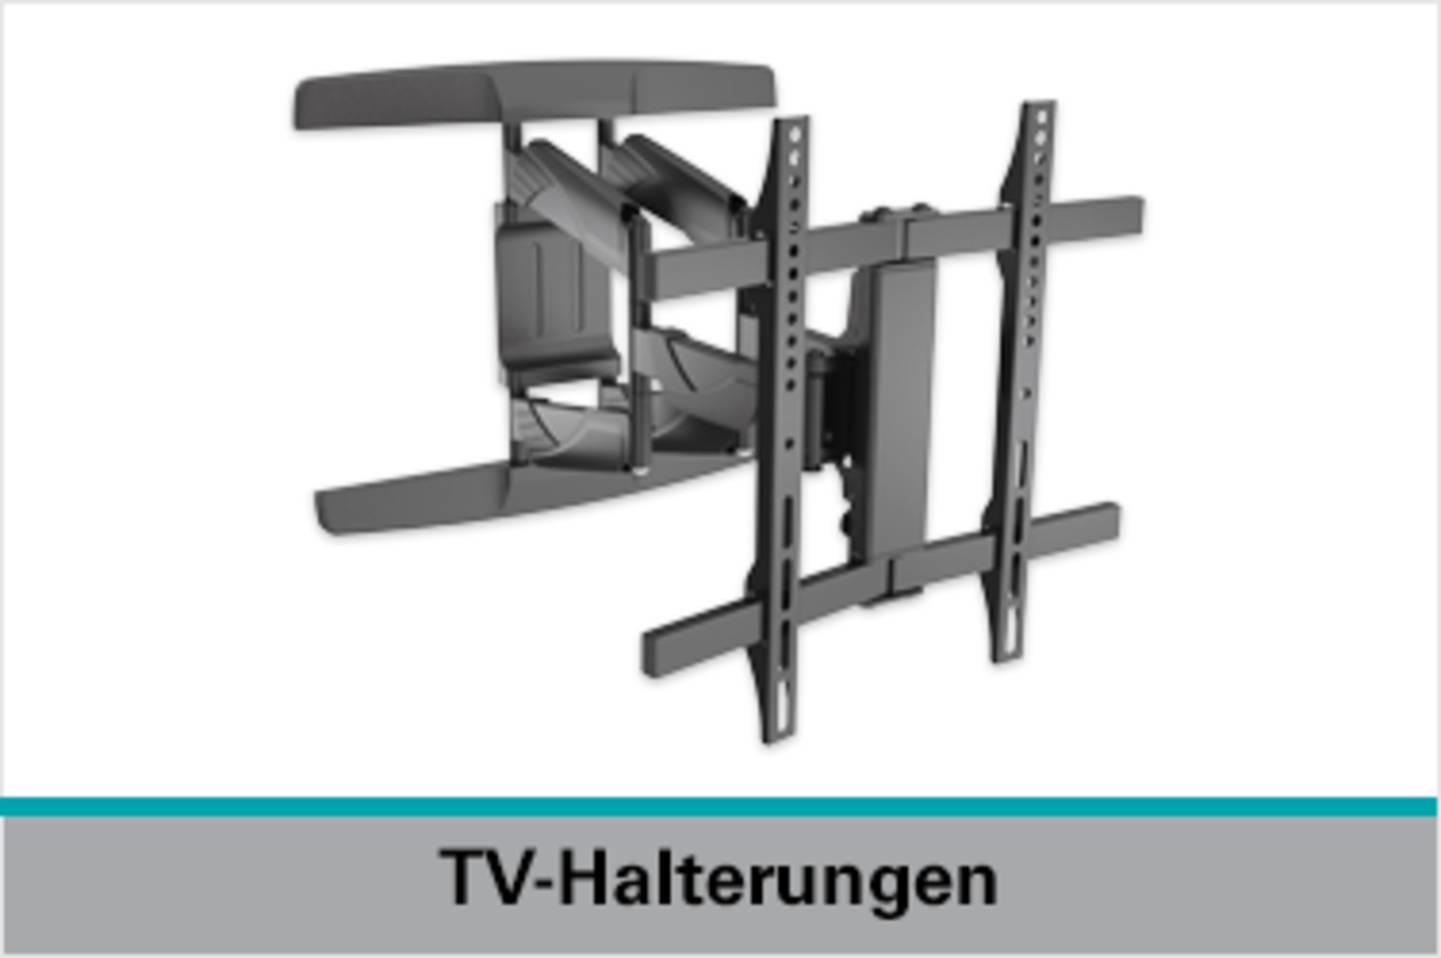 Speaka Professional TV-Halterungen